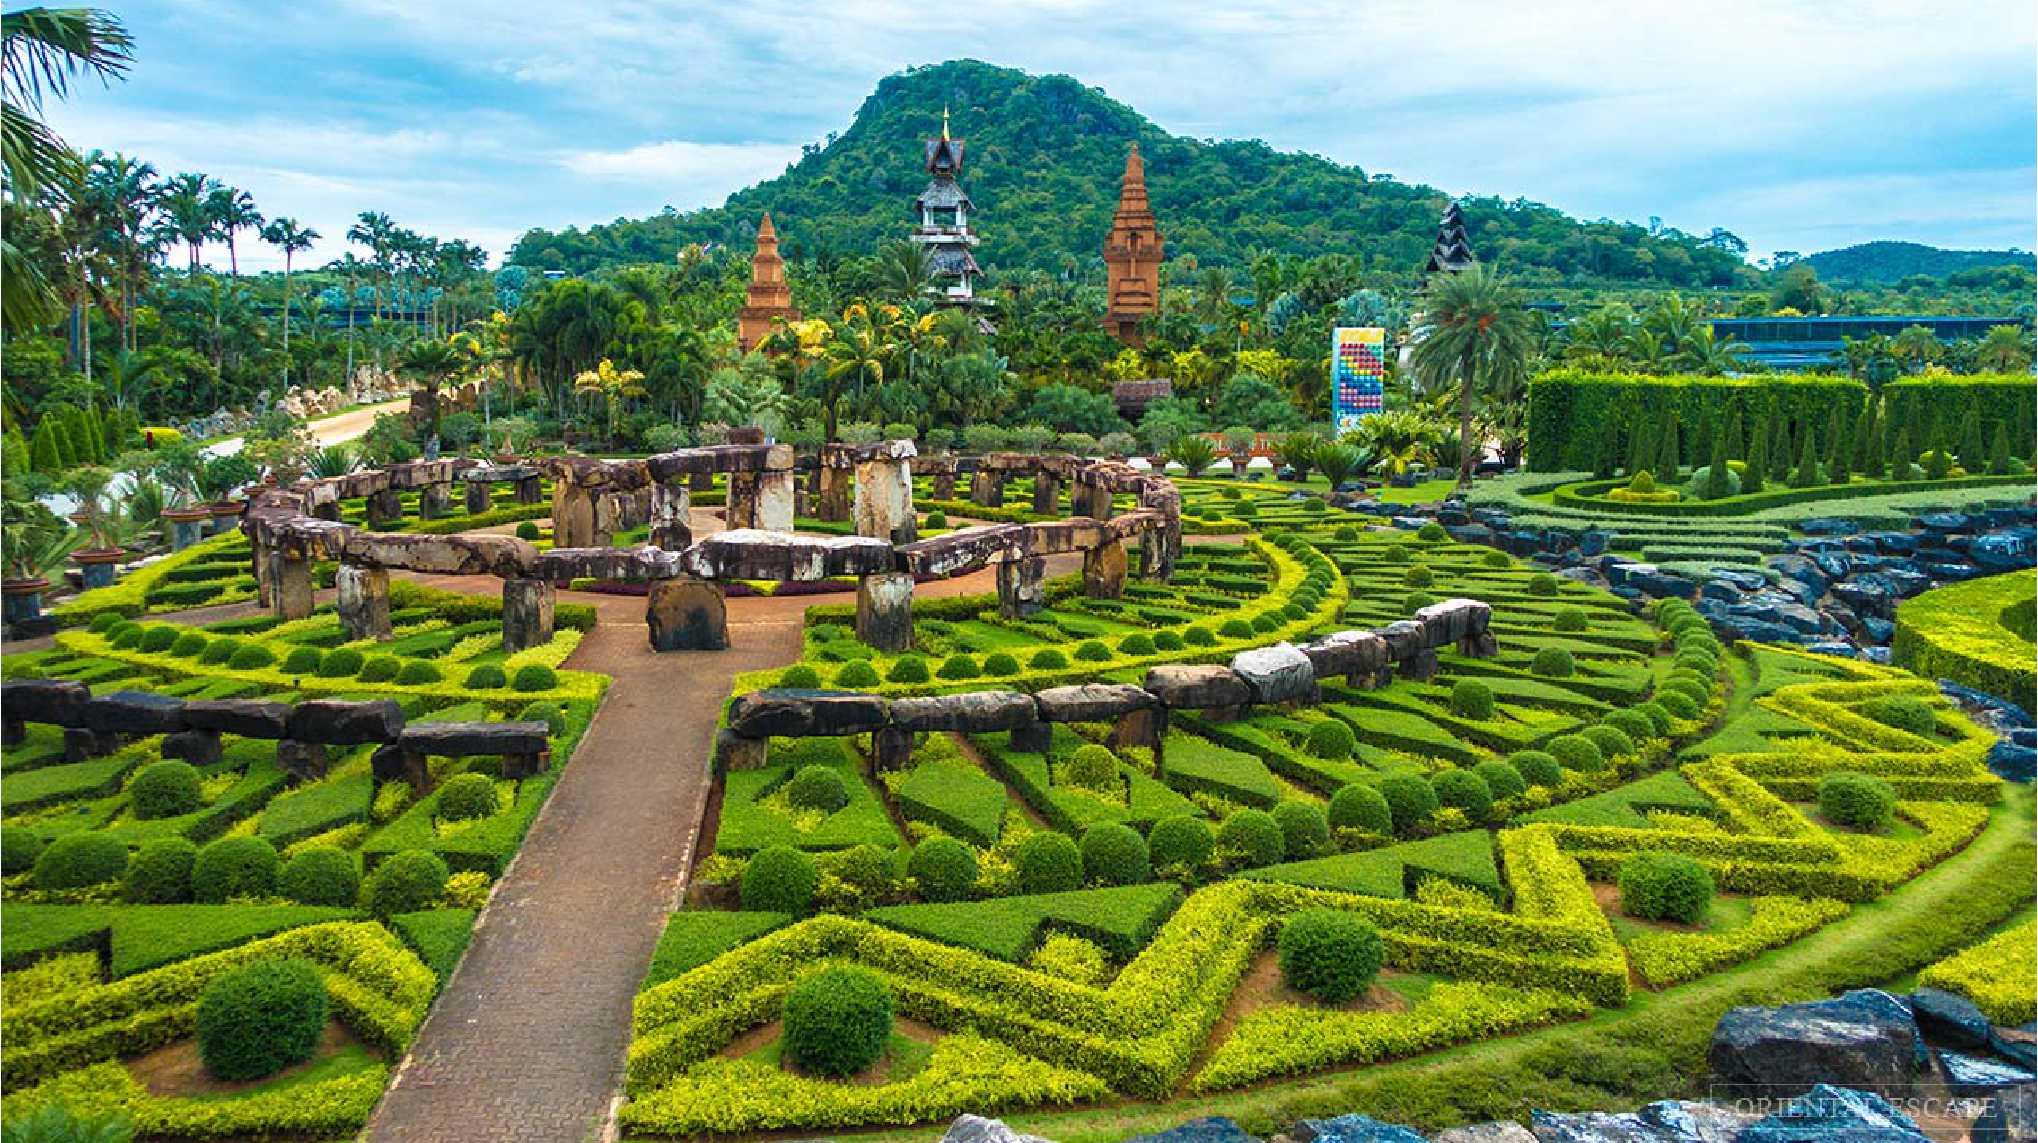 Nong Nooch Tropical Botanical Garden03